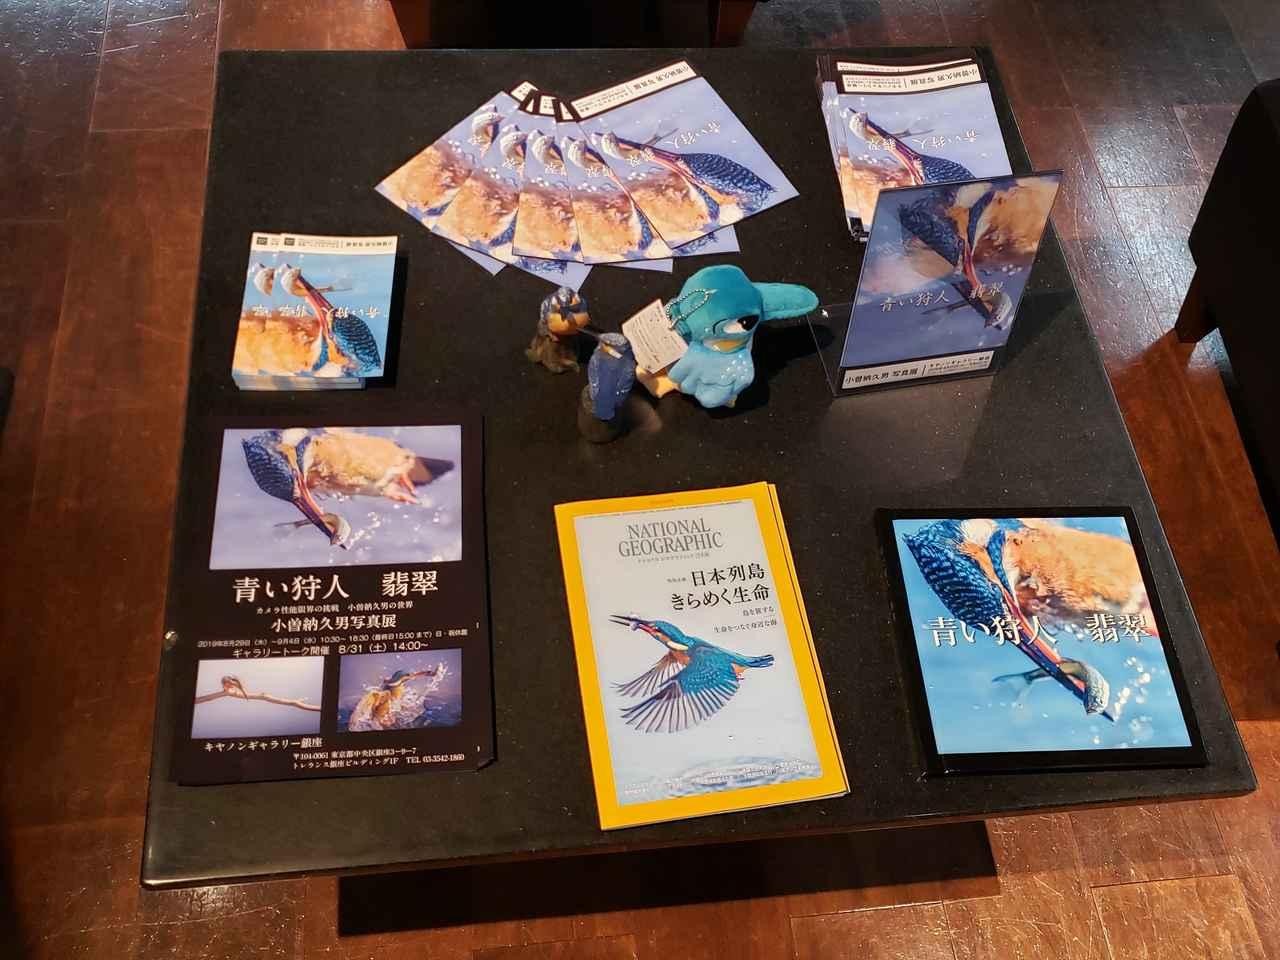 画像: (中央)「ナショナル ジオグラフィック日本版」2018年9月号の表紙の翡翠は、小曽納さんの撮影によるもの。(右)「青い狩人 翡翠」の写真集も会場でご覧いただけます。